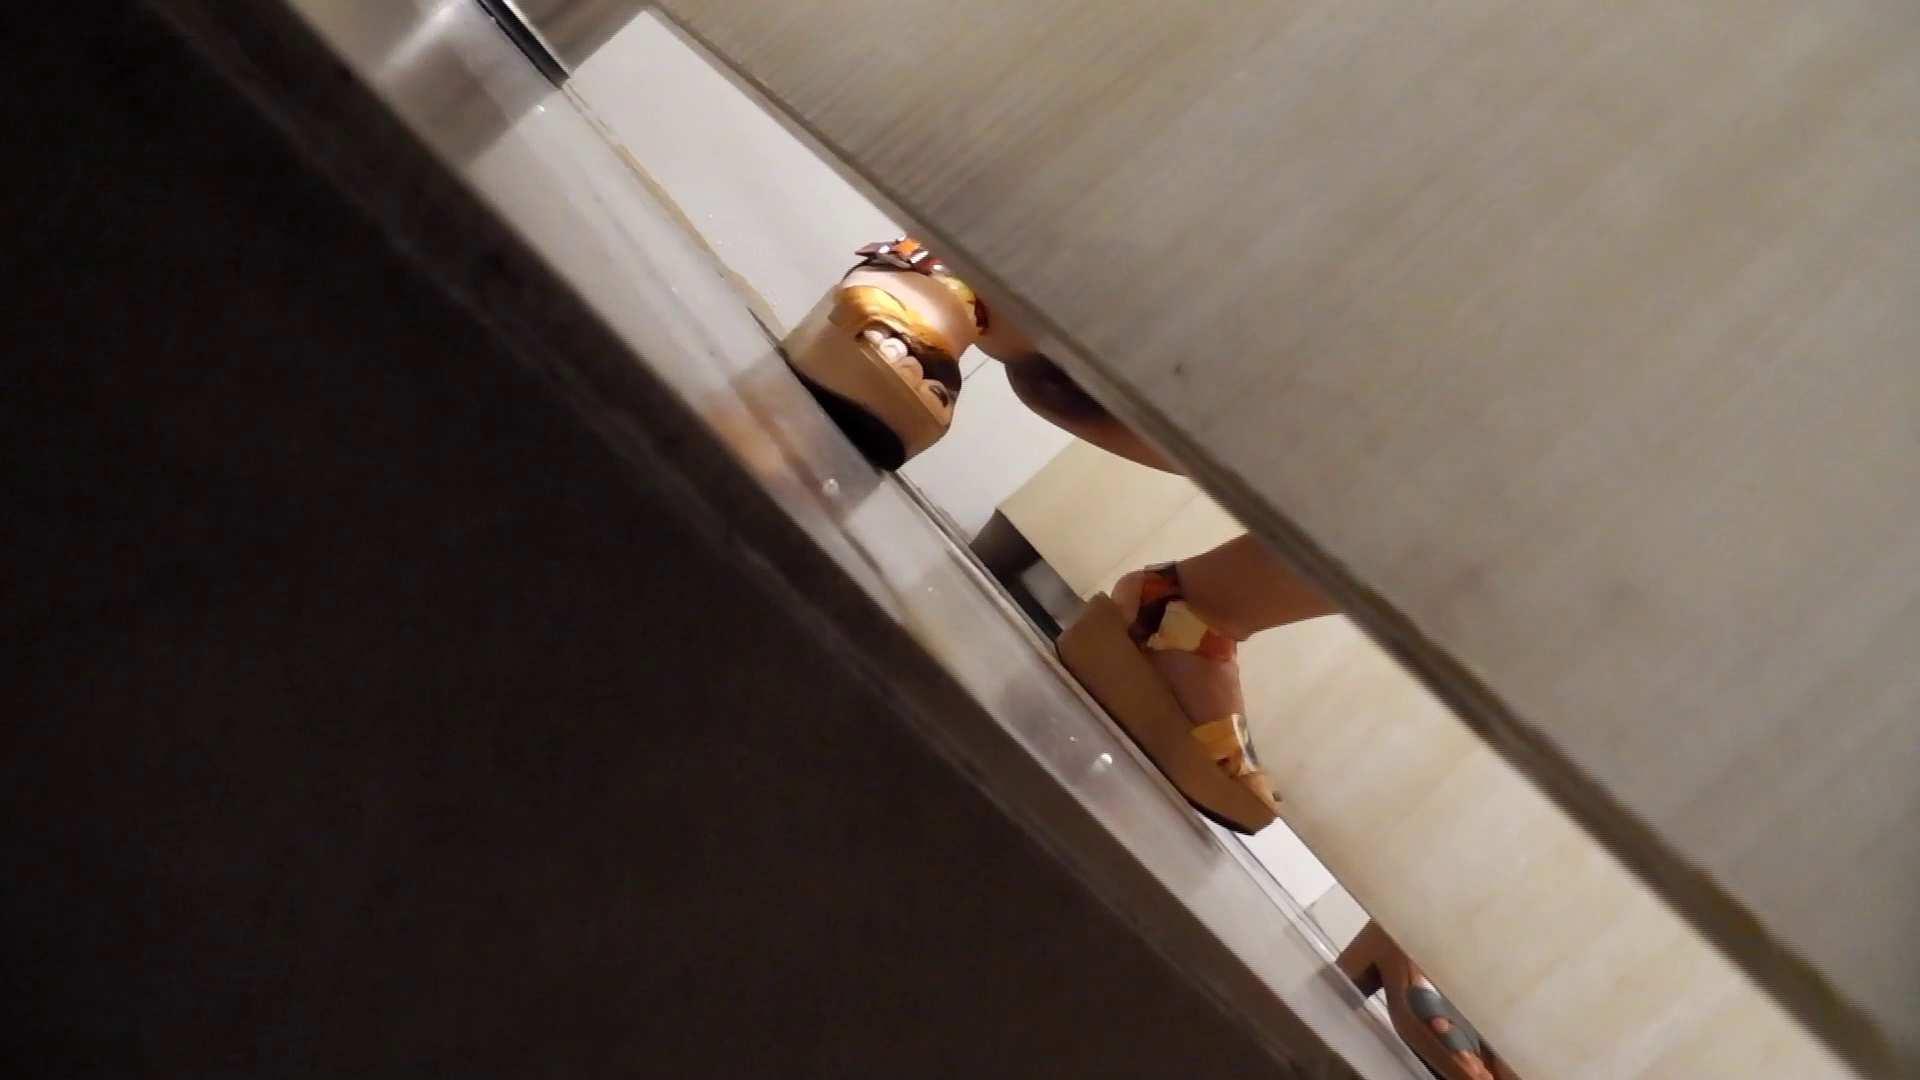 和式洋式七変化 Vol.31 洋式だけど丸見えですっ!! 0 | 0  97画像 54